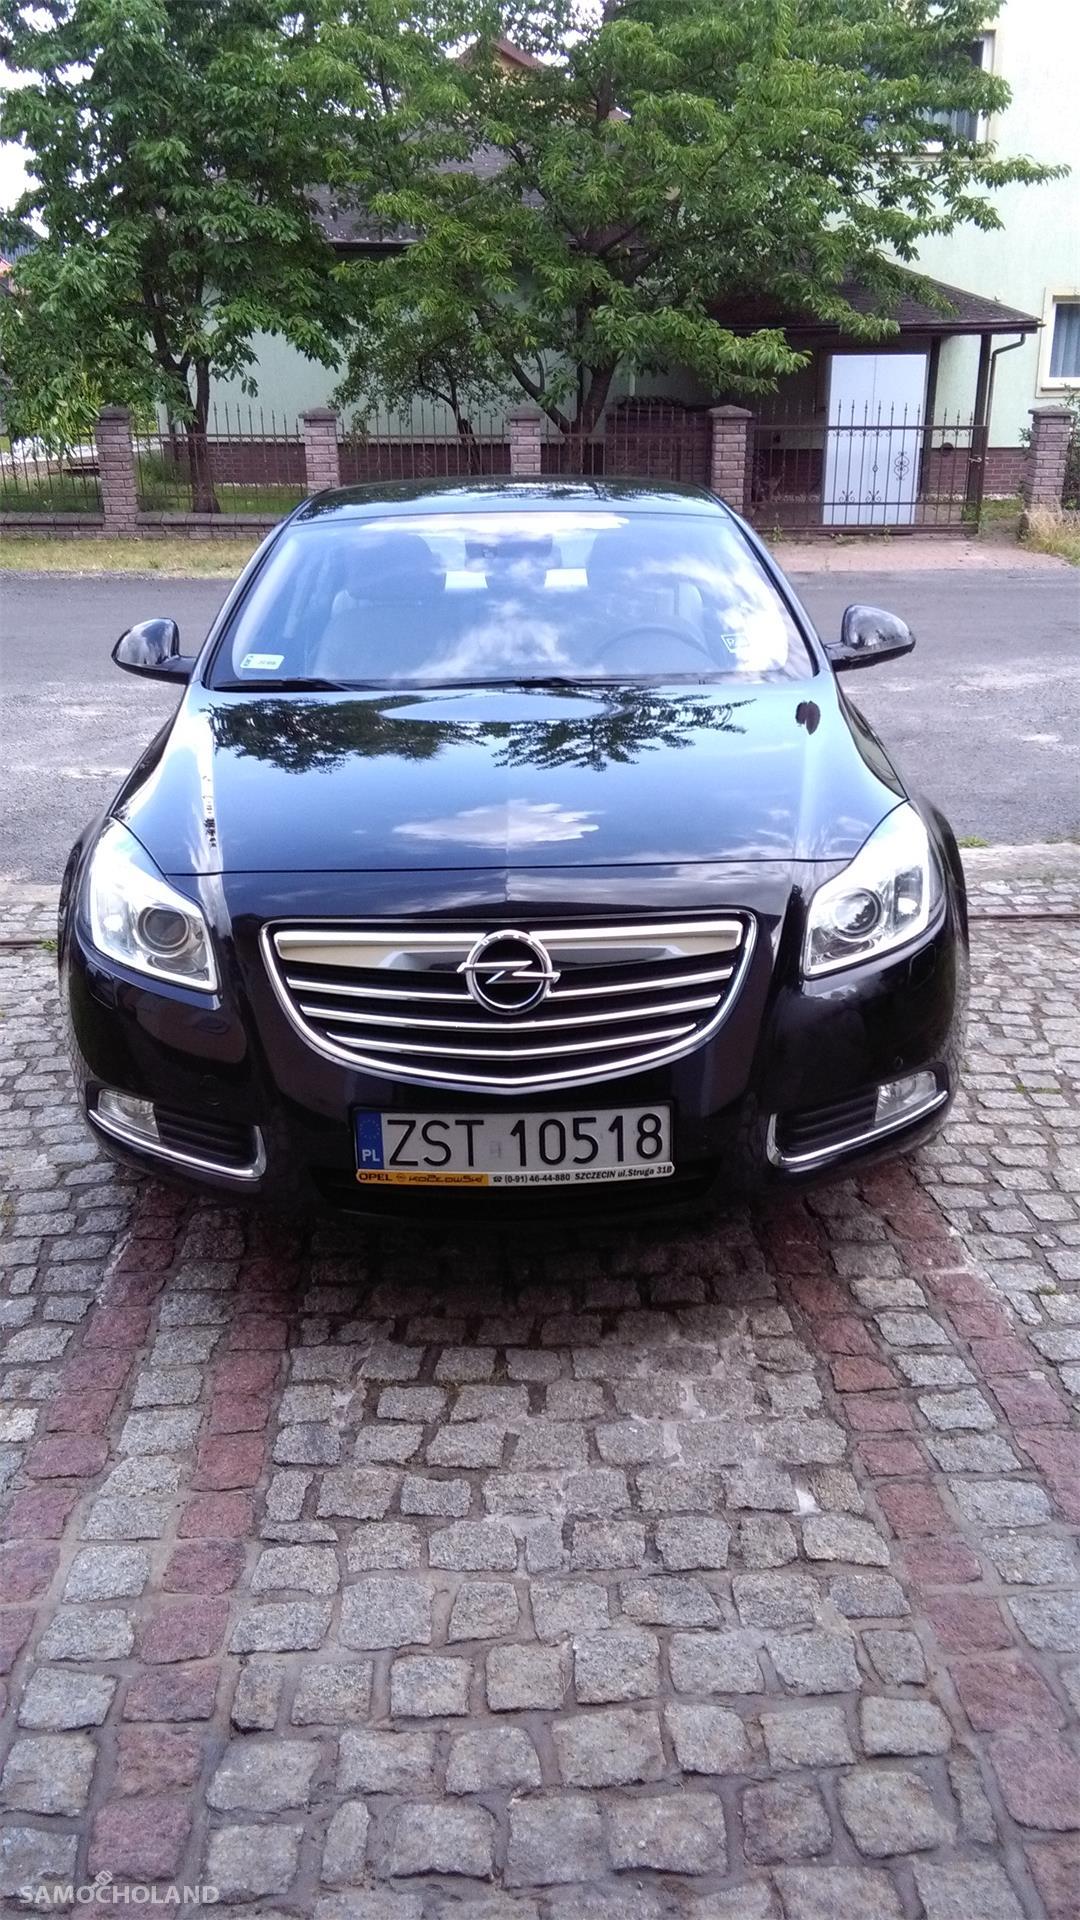 Opel Insignia Auto kupione w Polskim salonie Opla.Pierwszy właściciel, od początku garażowany.Stan techniczny oraz wnętrza bardzo dobry. Niwielki przebieg - 83400 km. 1